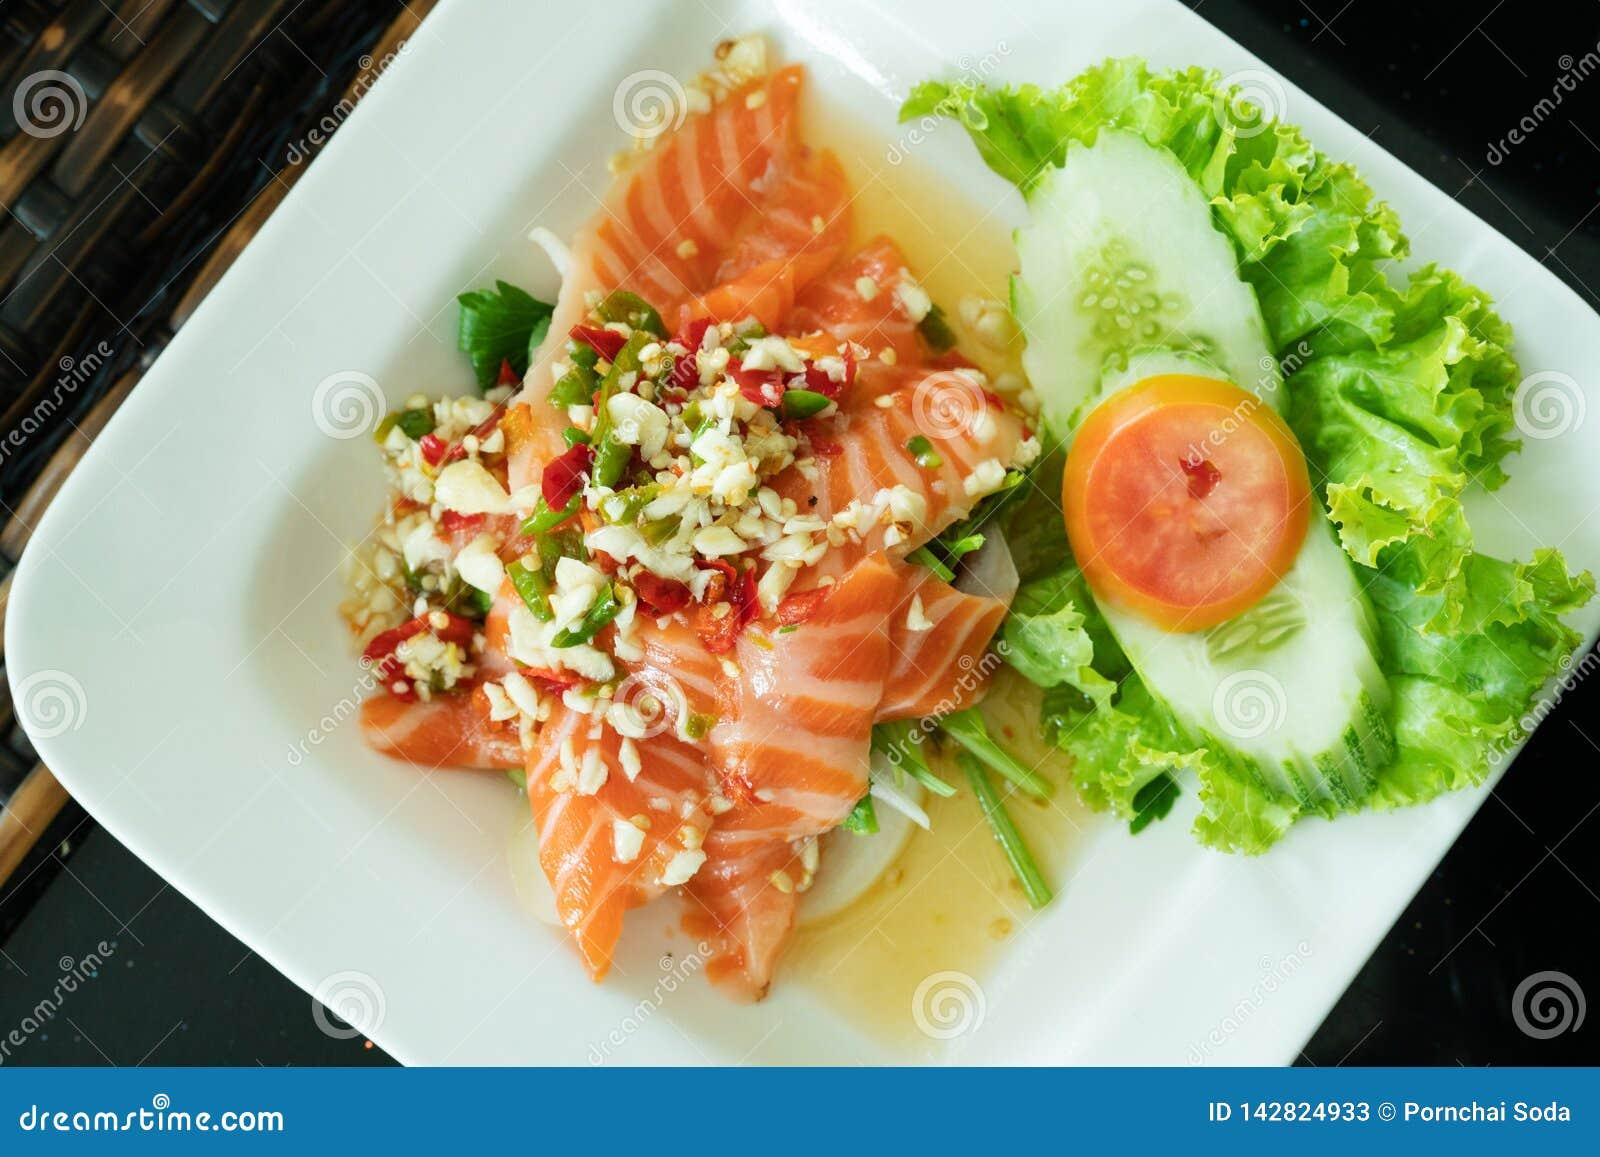 Kryddiga Salmon Salad med den ny chili och vitlök, thailändsk matstil Hemmet gjorde mat Begrepp för ett smakligt och sunt mål, bä